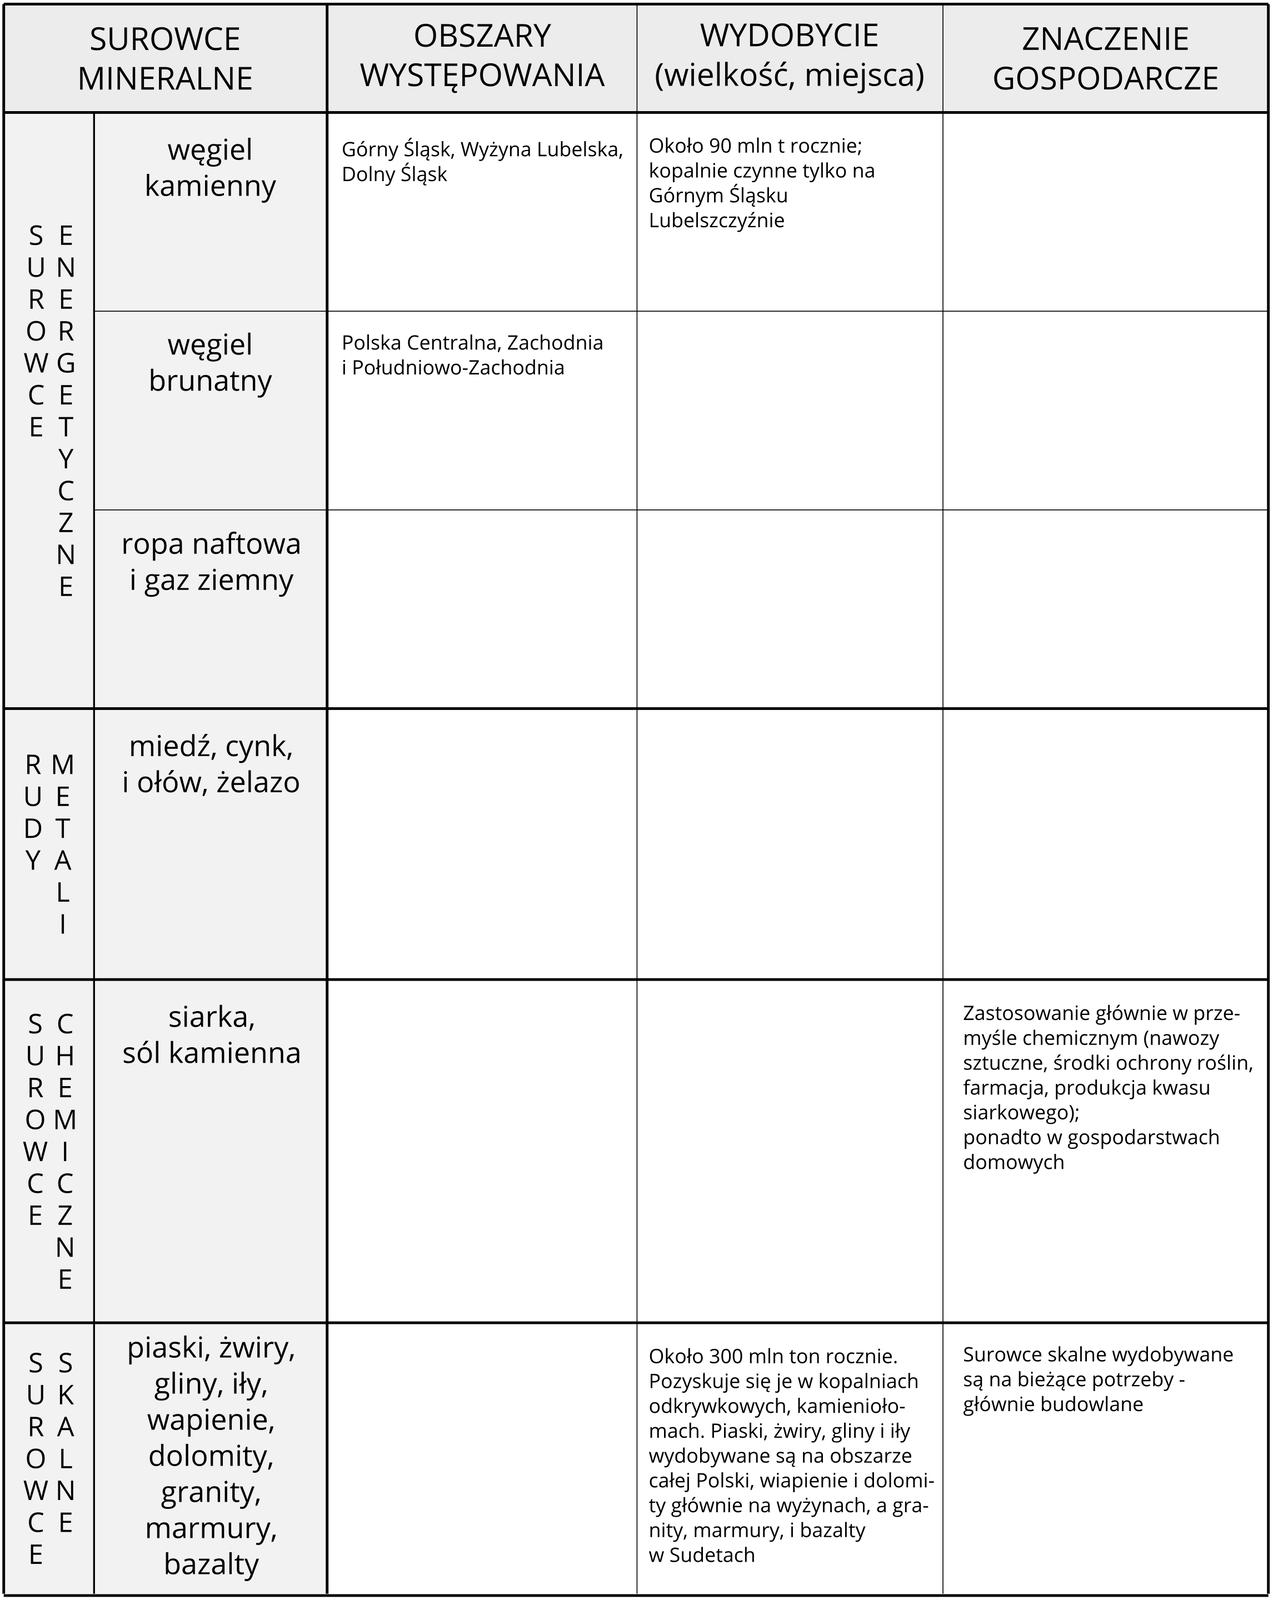 Na ilustracji tabela: surowce, obszary ich występowania, miejsca wydobycia, wielkość wydobycia iznaczenie gospodarcze.